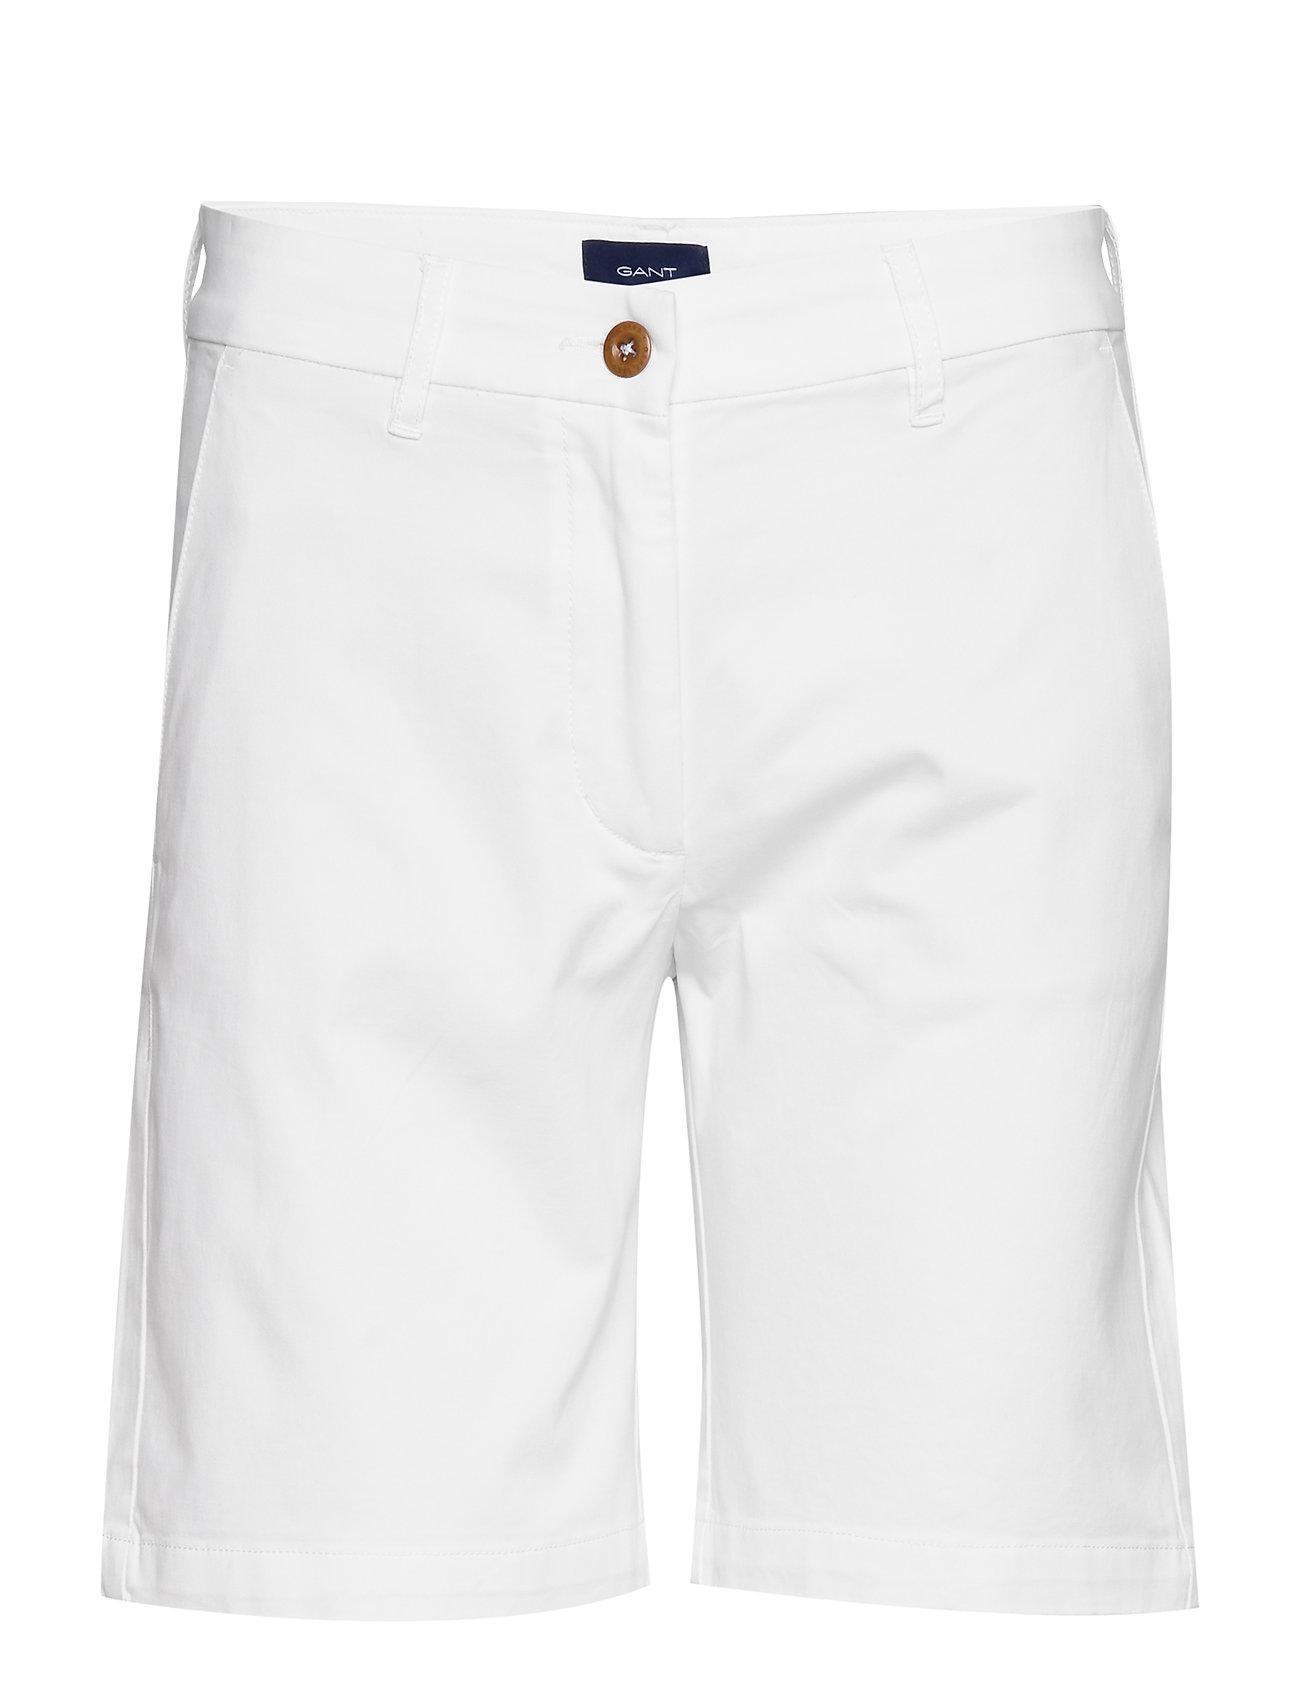 Gant D1. CLASSIC CHINO SHORTS - WHITE